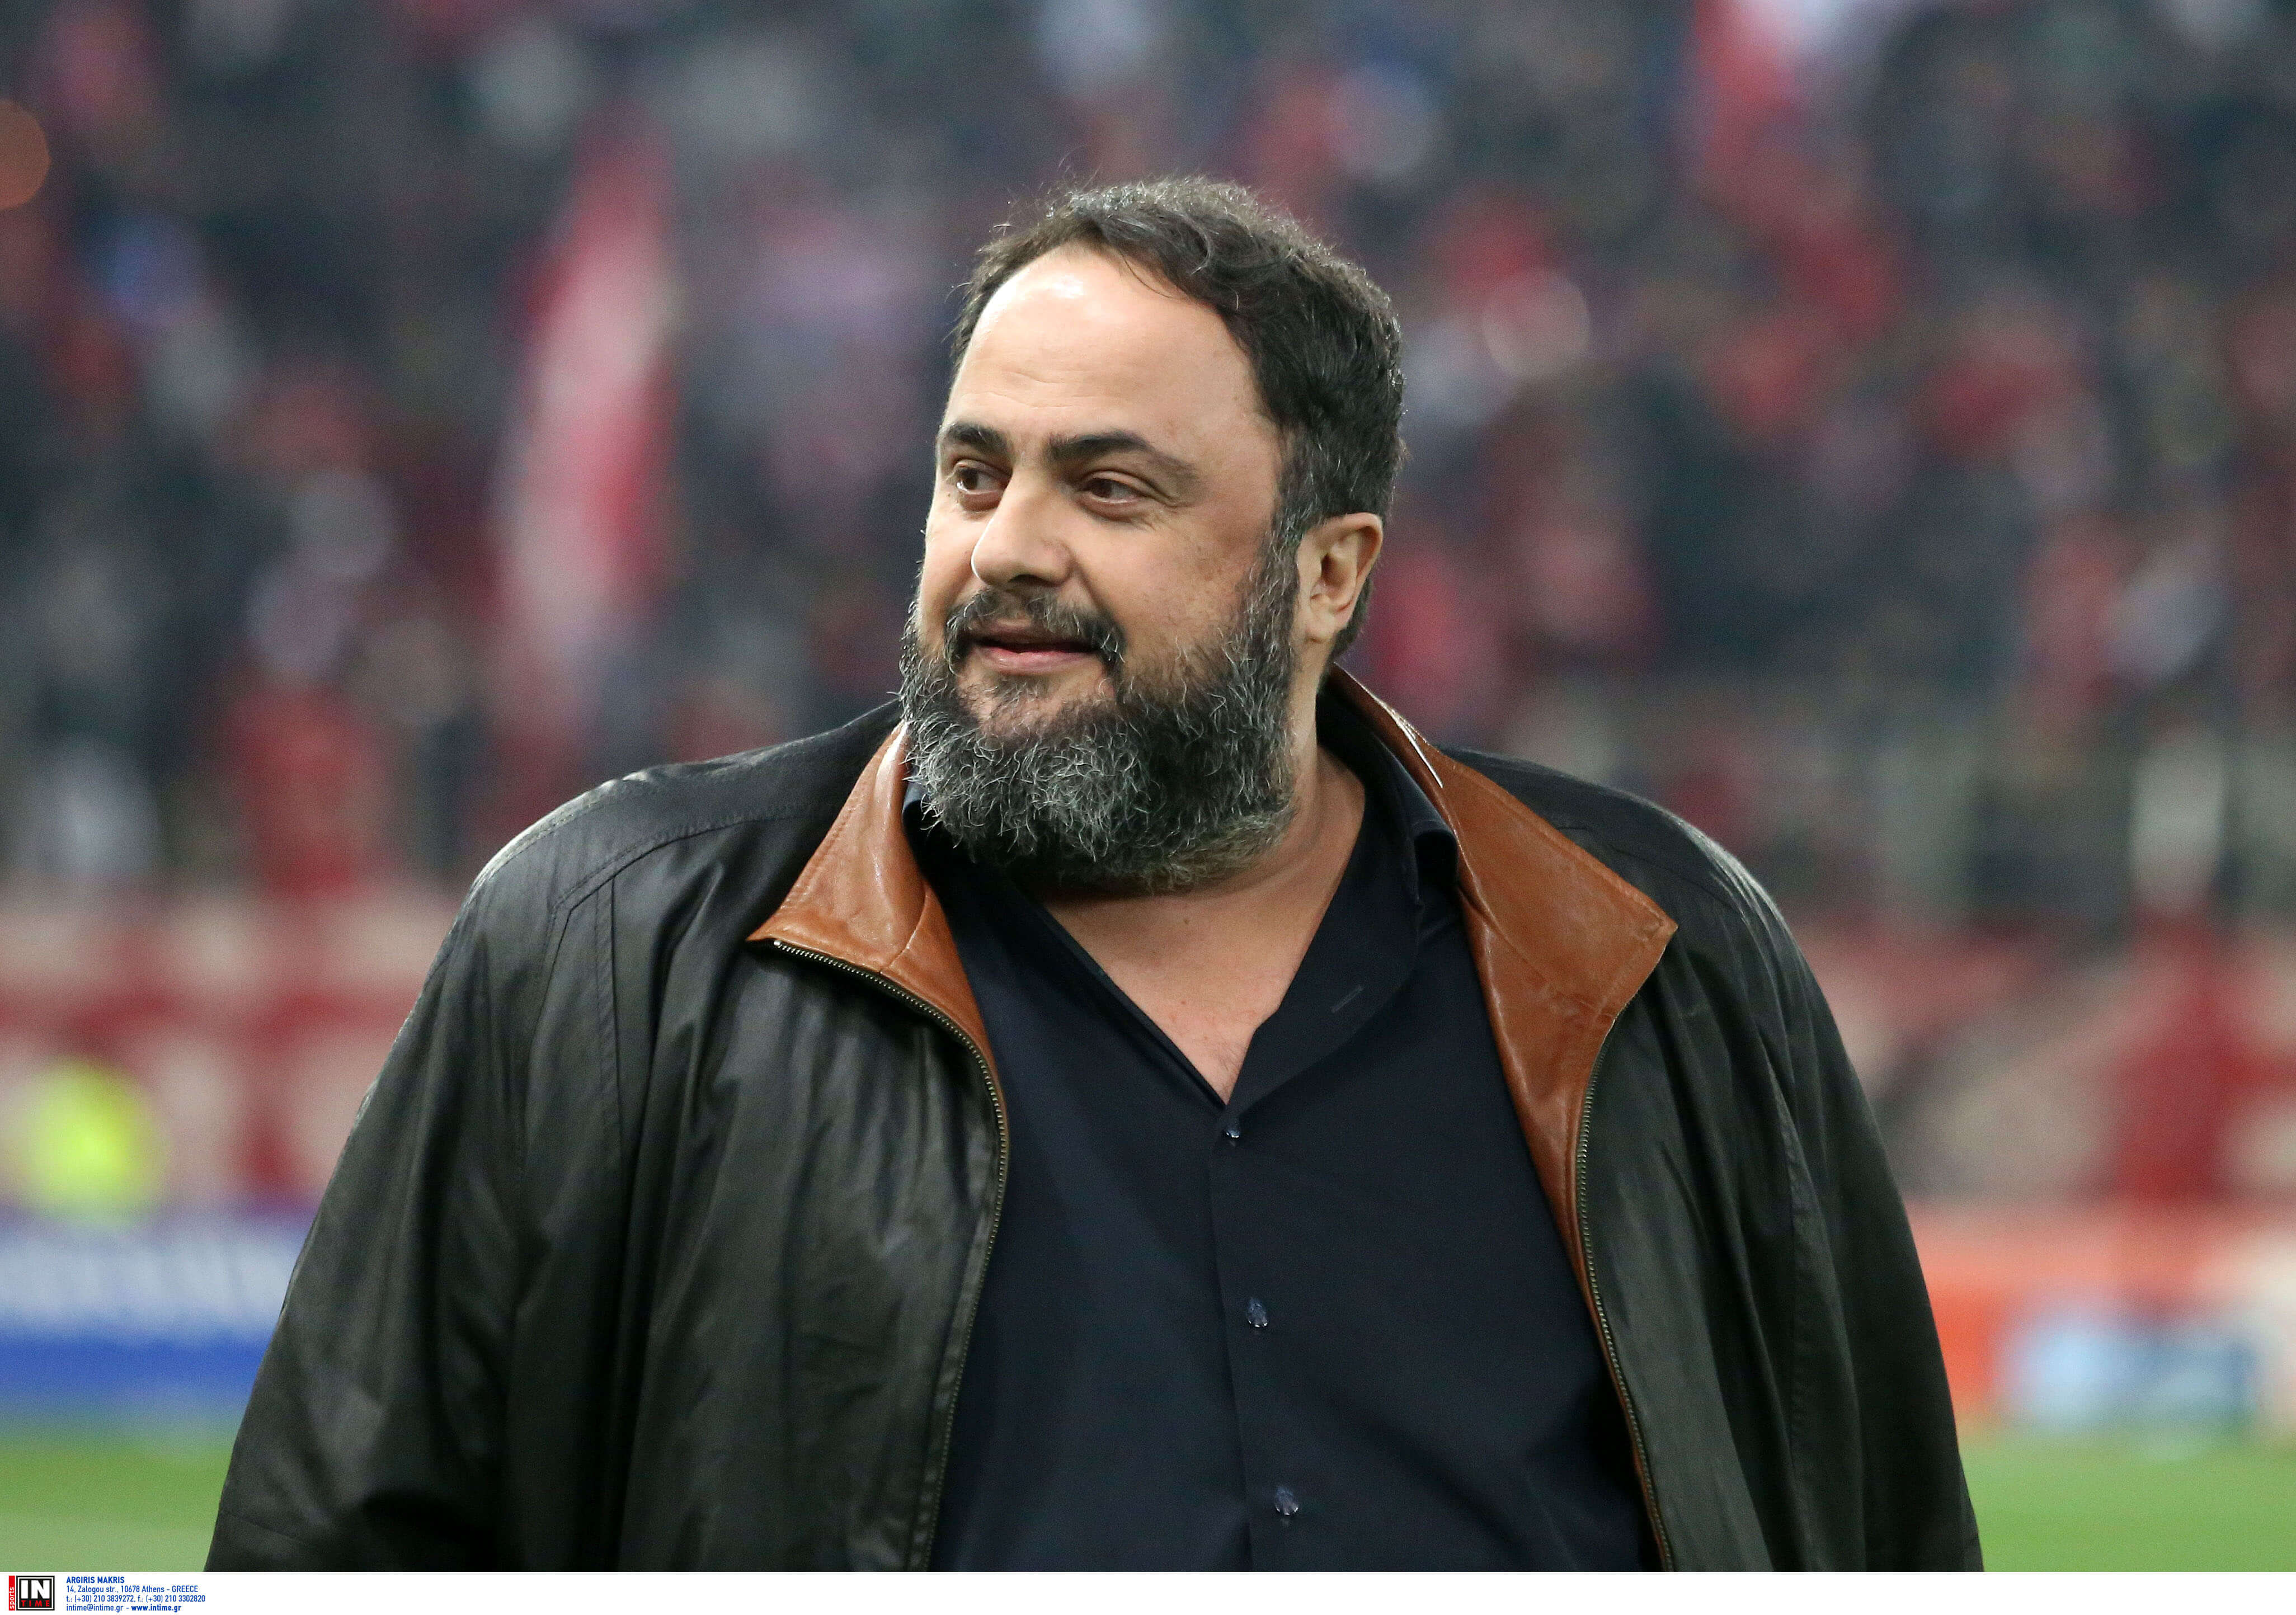 """Μαρινάκης: """"Ζήτω ο Ολυμπιακός! Θα συνεχίσουμε να προσφέρουμε στην πατρίδα"""""""